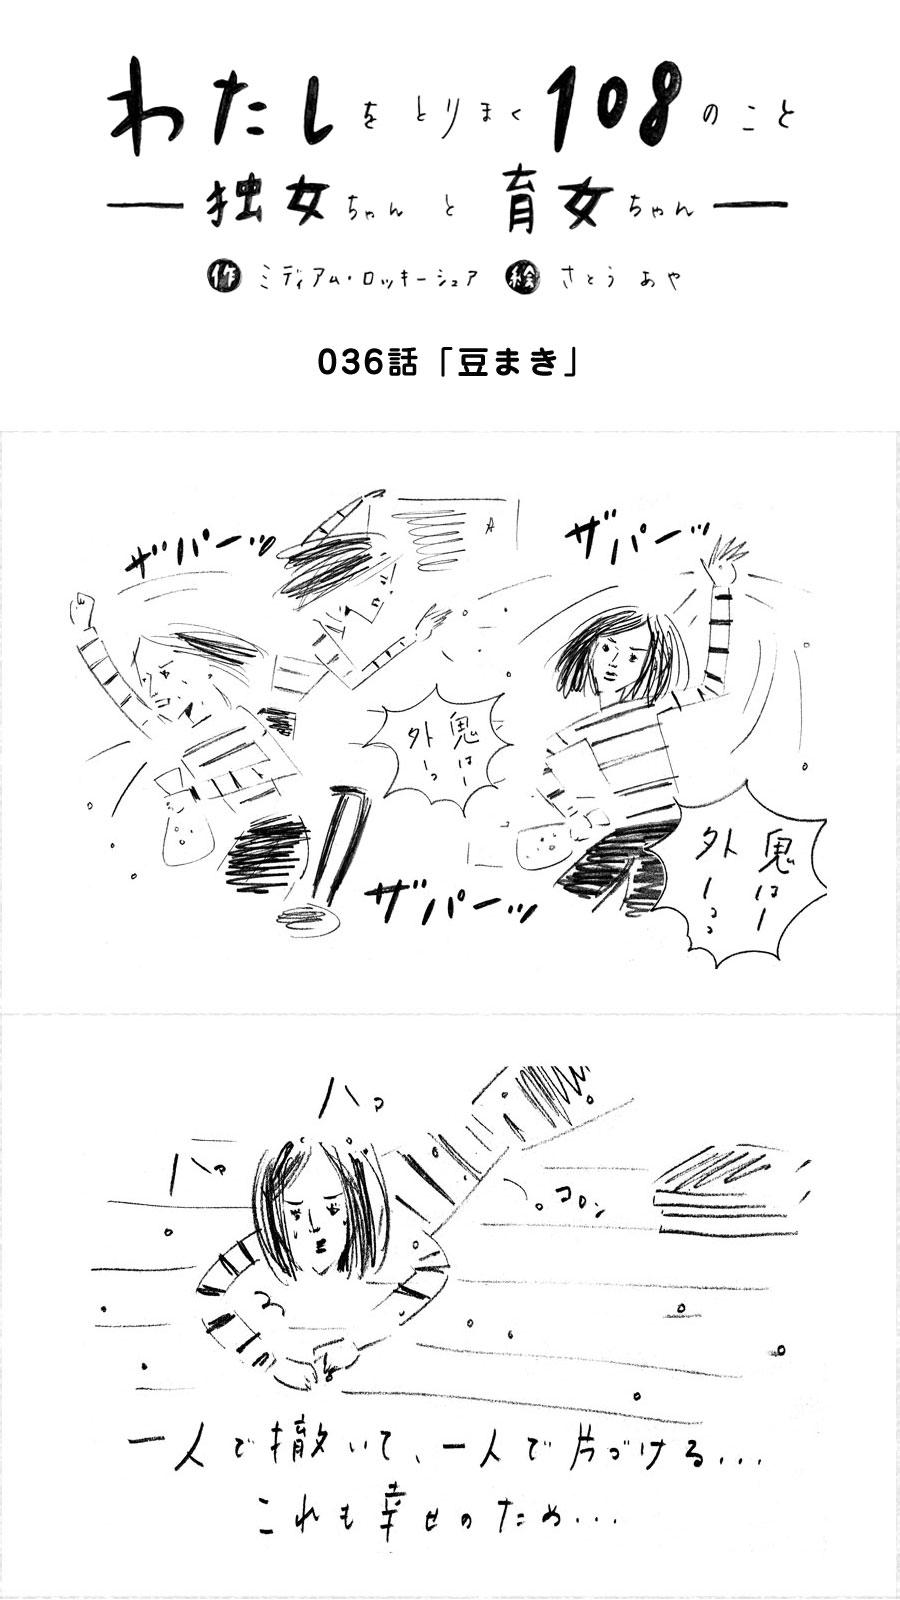 036_豆まき_独女ちゃん_000